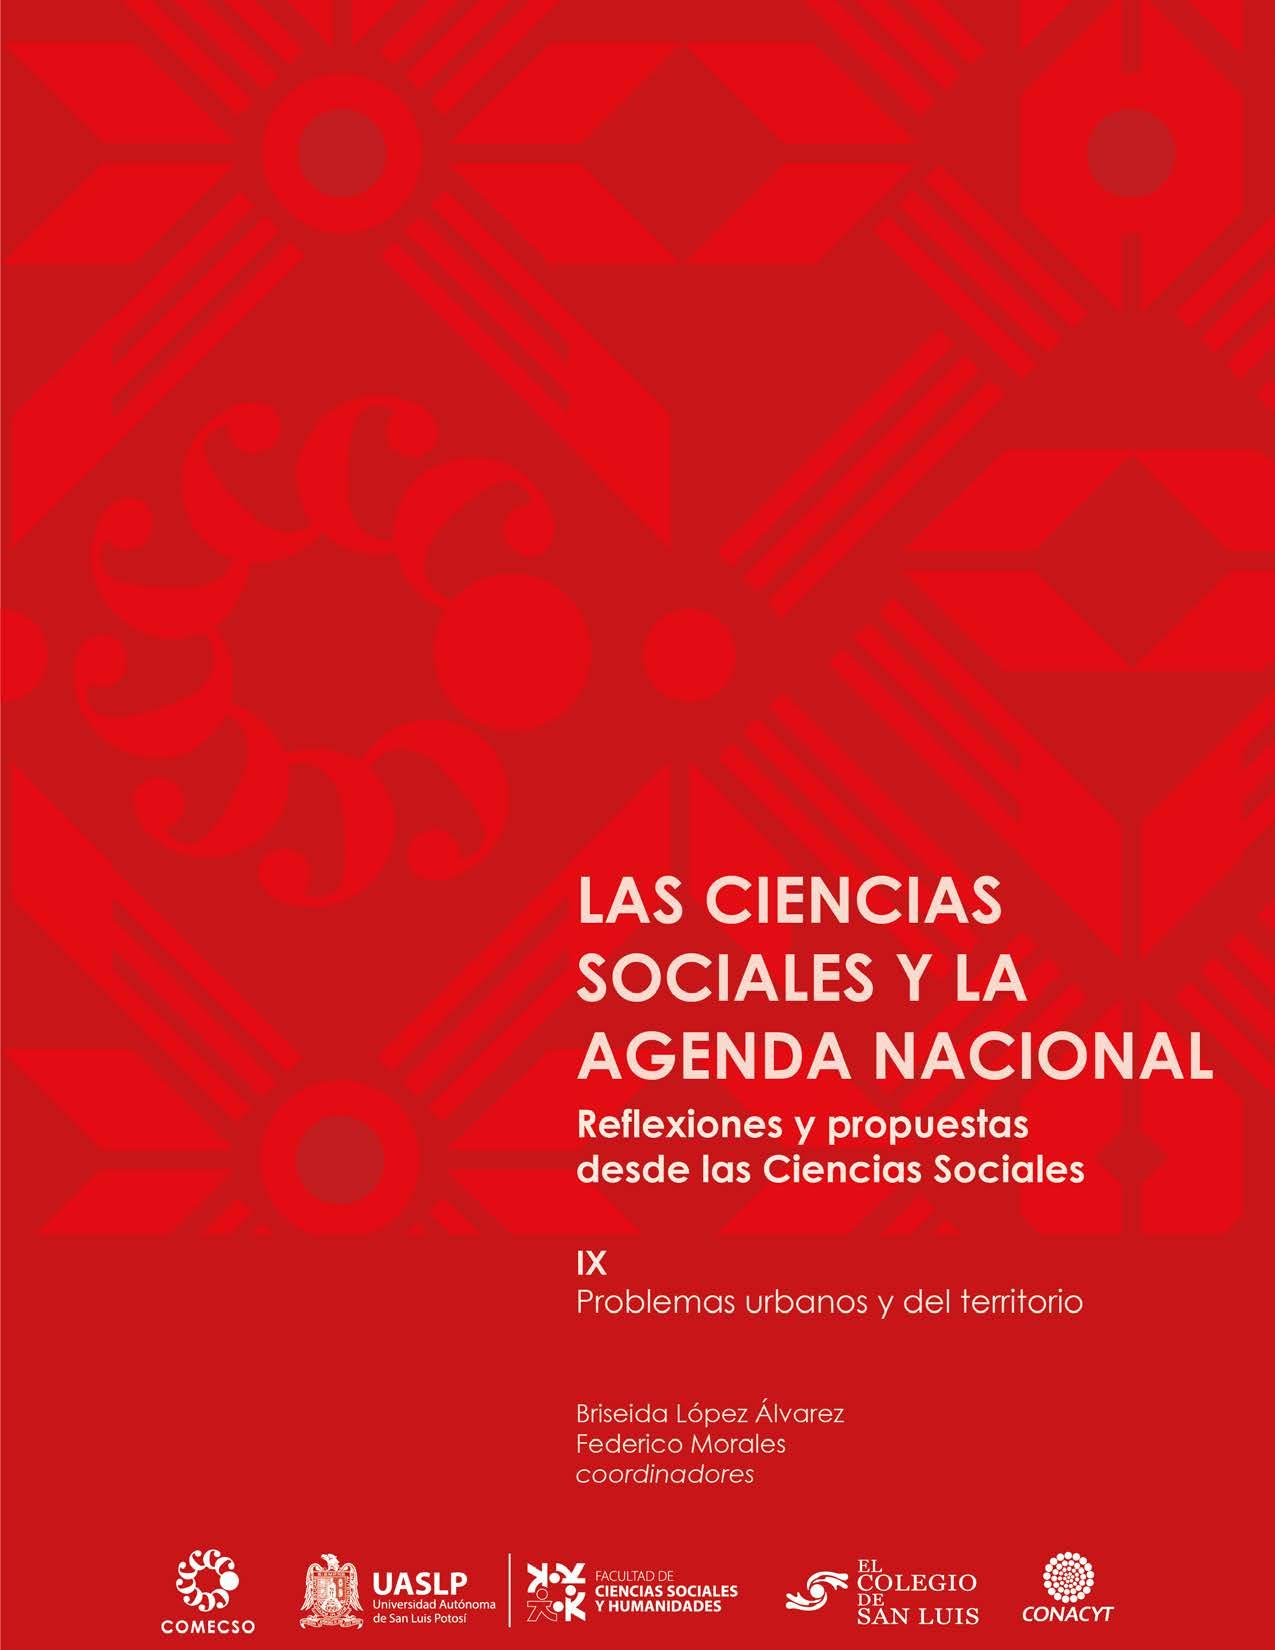 Vol. IX. Problemas urbanos y del territorio